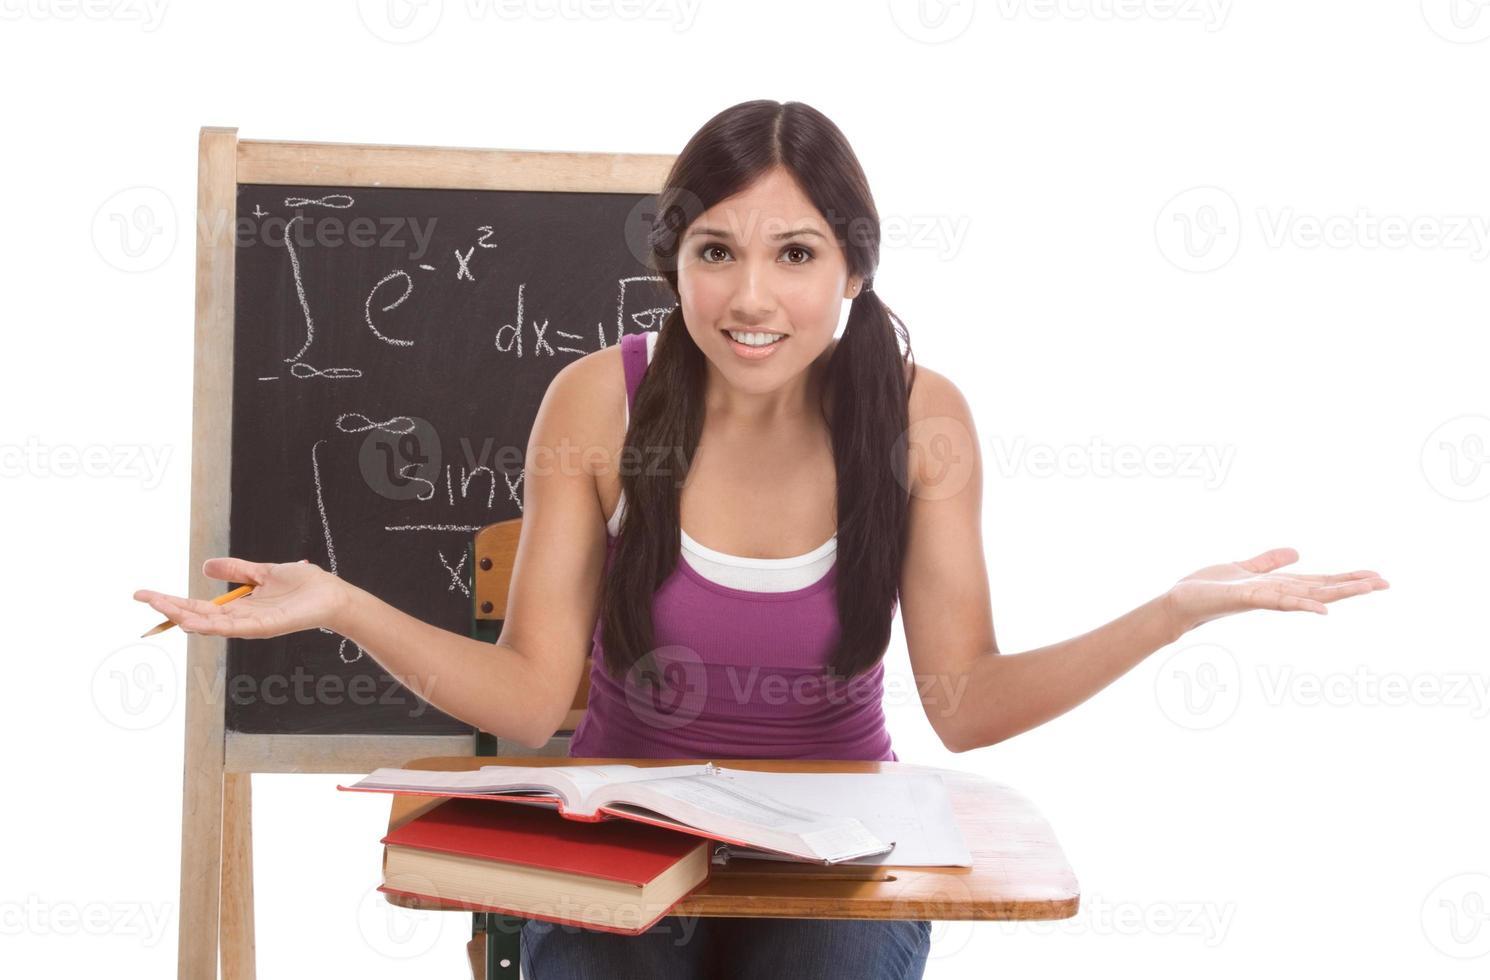 hispanische Studentin, die Mathematikprüfung studiert foto